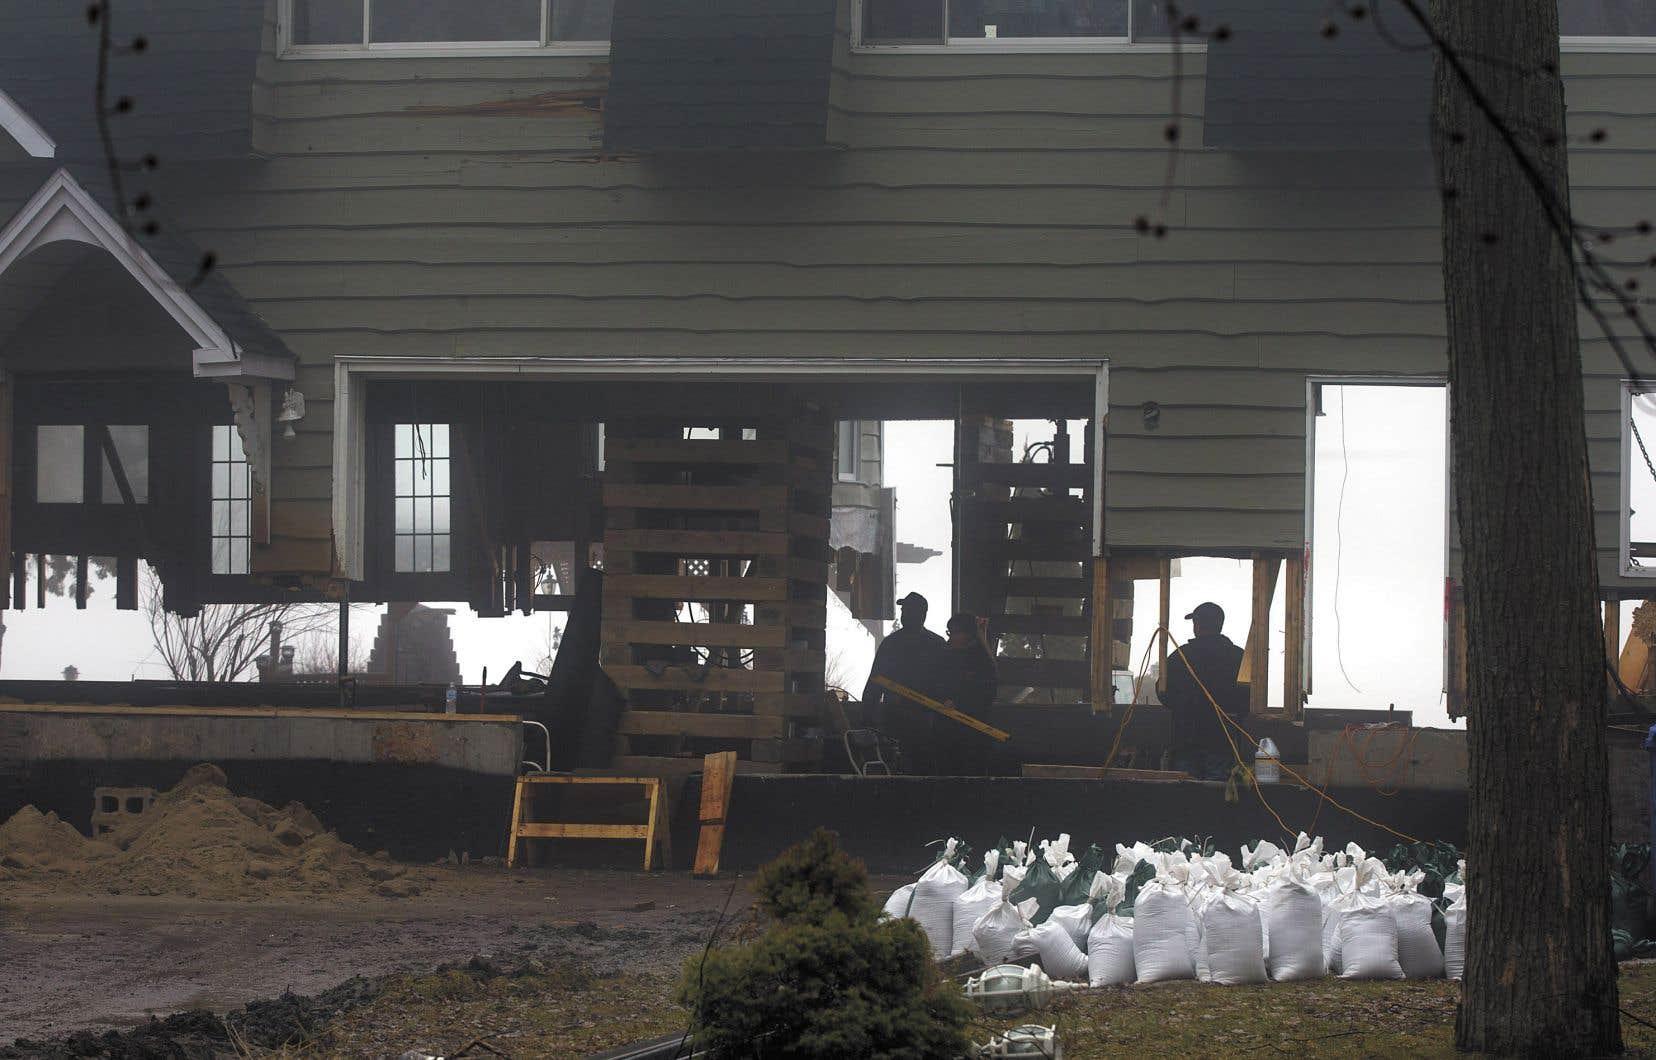 Si cette maison a été soulevée, ce n'est pas en prévision de la crue annoncée, comme on pourrait l'imaginer. Ses propriétaires sont plutôt en train de construire une fondation hydrofuge, comme les y oblige la réglementation que Rigaud a adoptée dans la foulée des inondations de 2017.